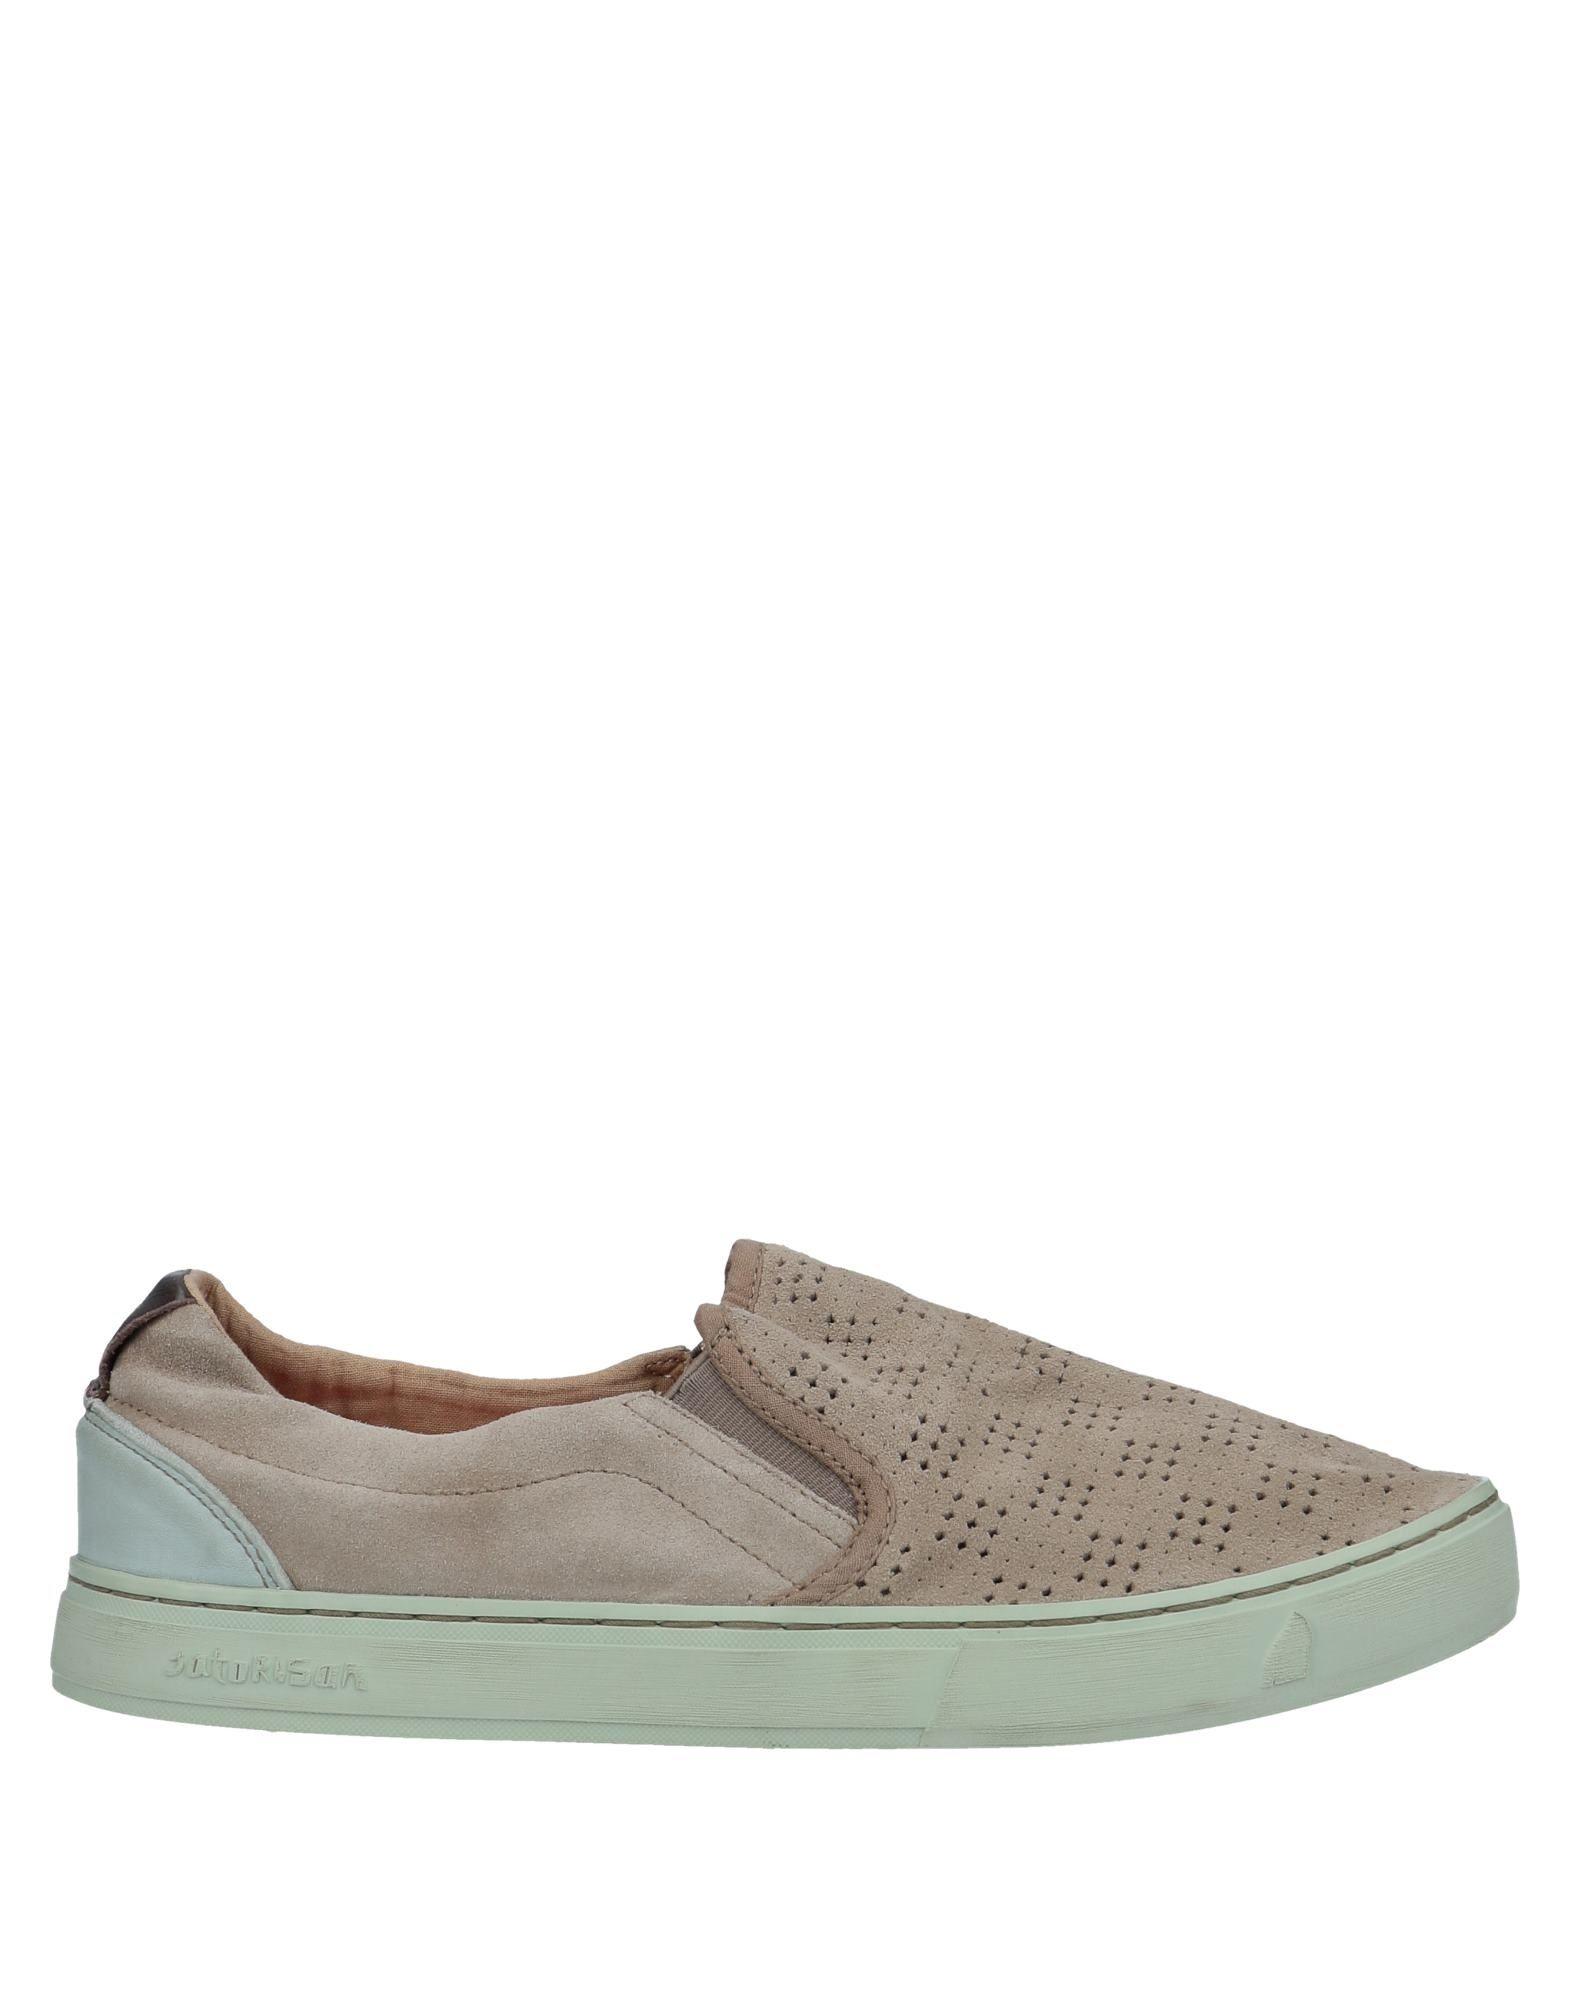 Sneakers Satorisan Uomo - 11210023AE Scarpe economiche e buone